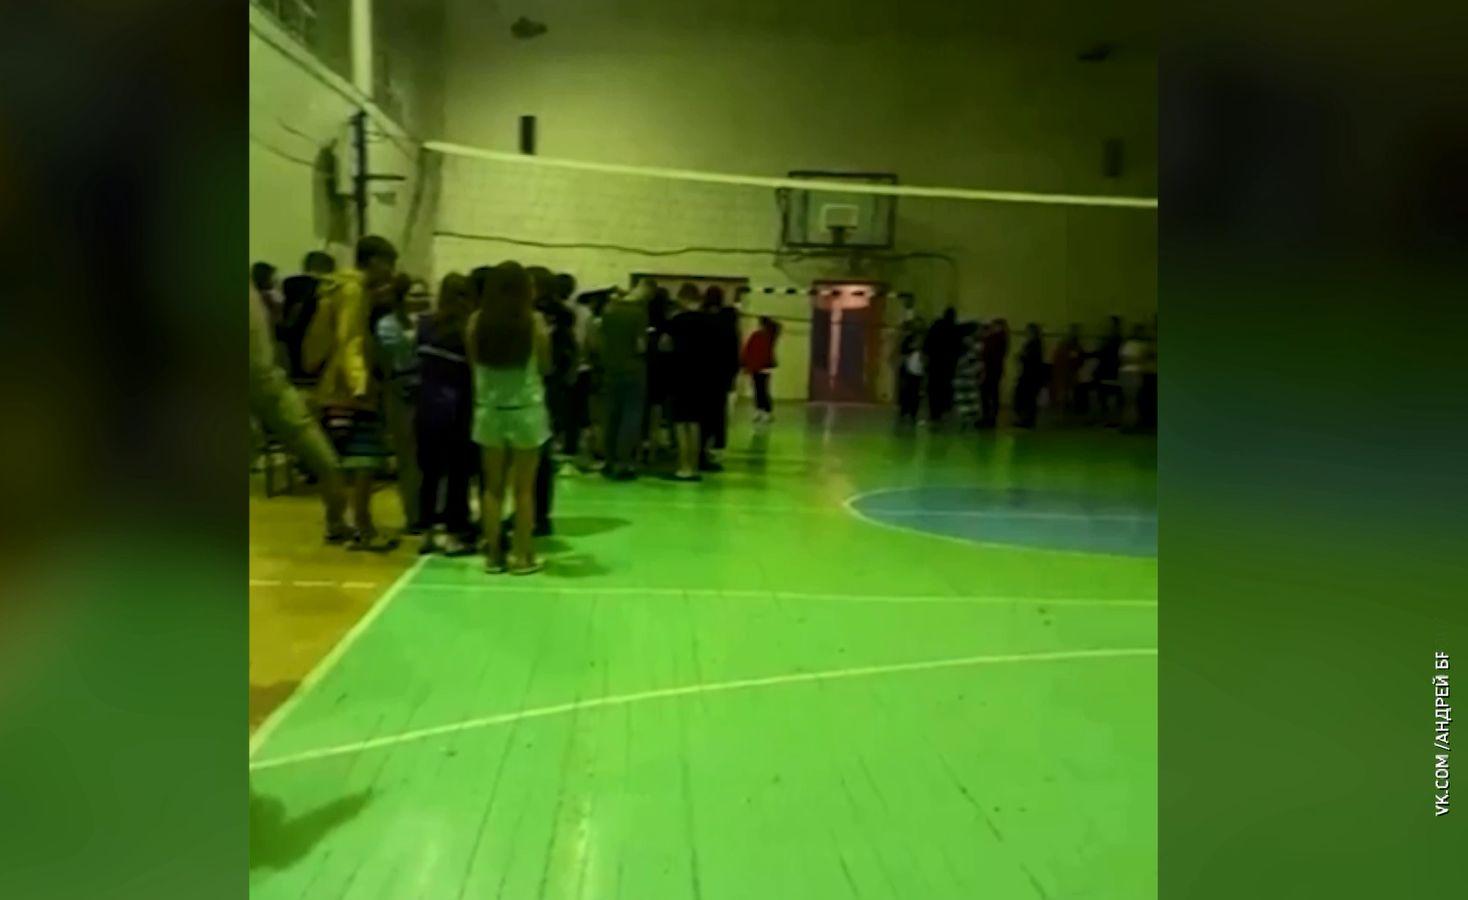 В студенческом общежитии в Ярославской области случился пожар